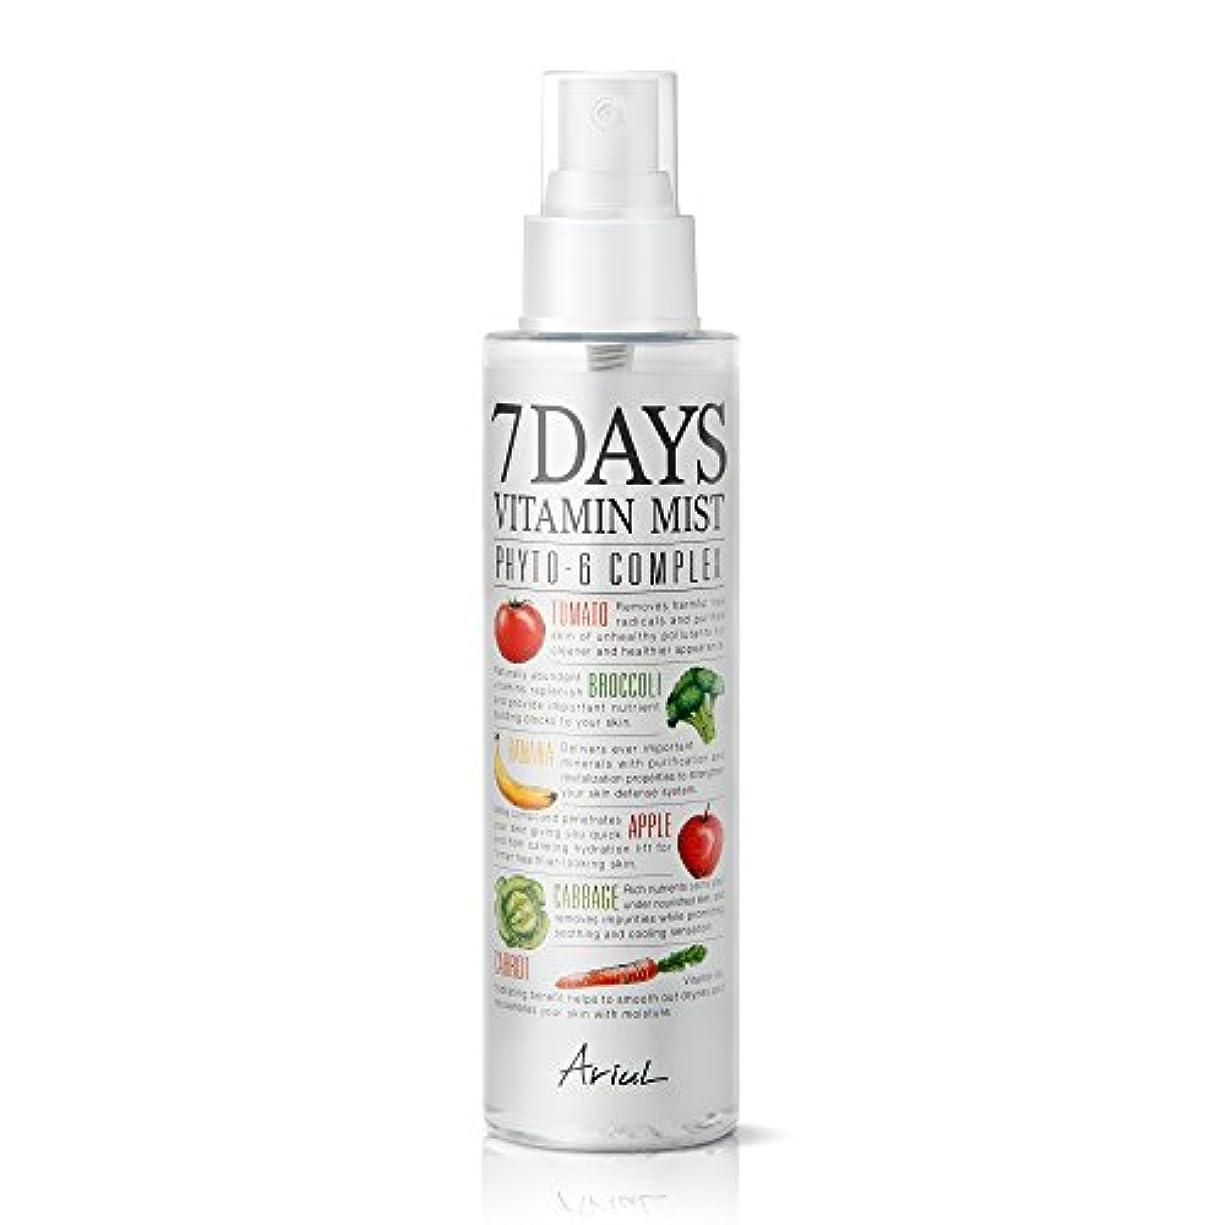 バラバラにする黒スラックアリアル 7デイズビタミンミスト150ml / Ariul Natural Facial Face Mist 7 Days Vitamin Mist [並行輸入品]